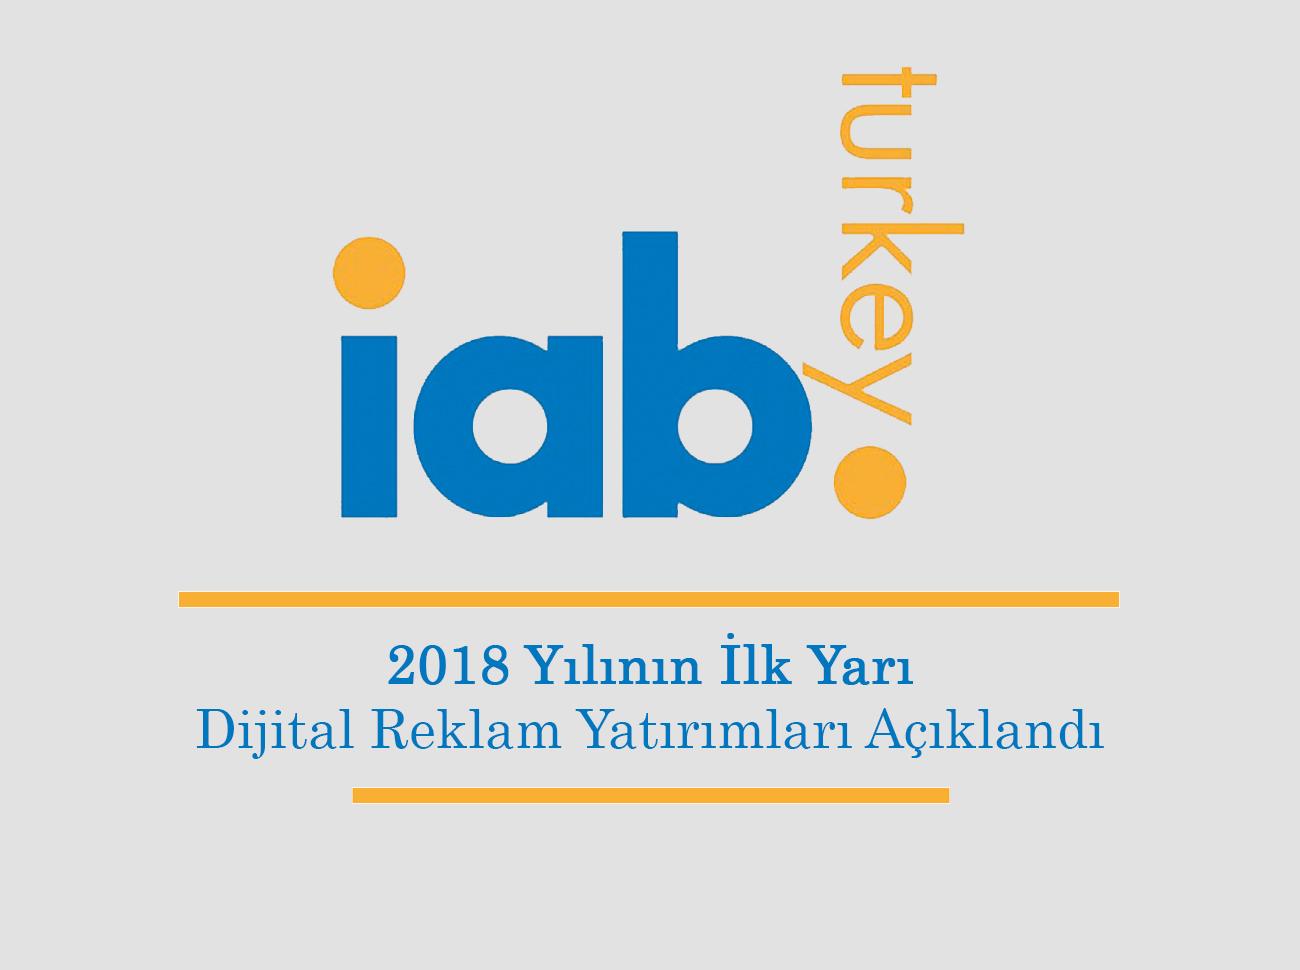 IAB Türkiye, 2018 Yılının İlk Yarı Dijital Reklam Yatırımlarını Açıkladı